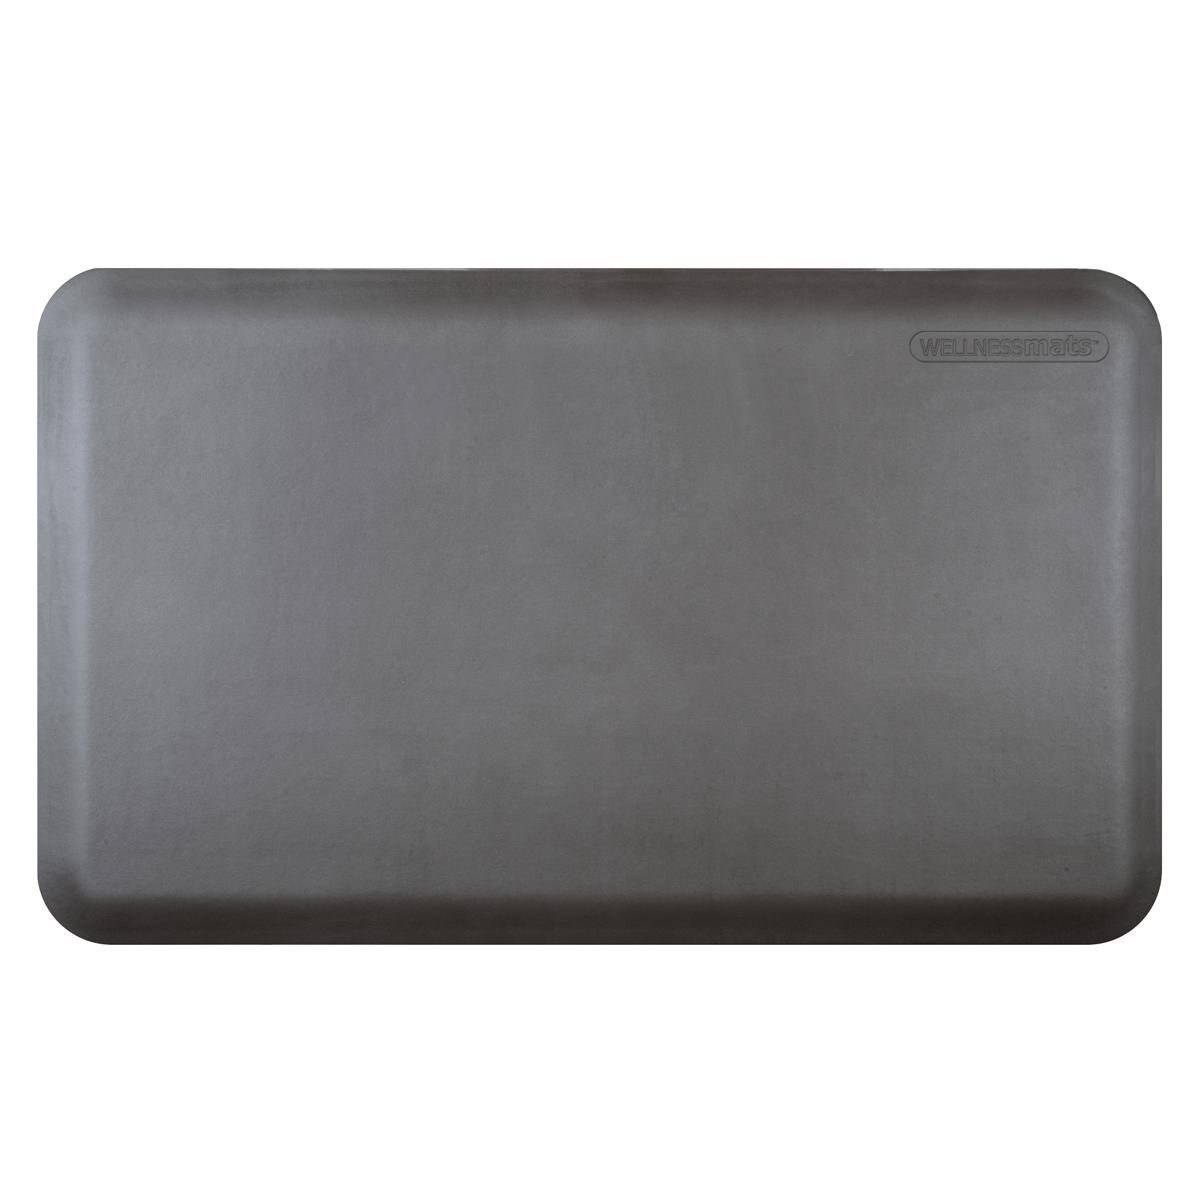 WellnessMats Gray Standard Anti-Fatigue Mat, 3 x 2 Foot